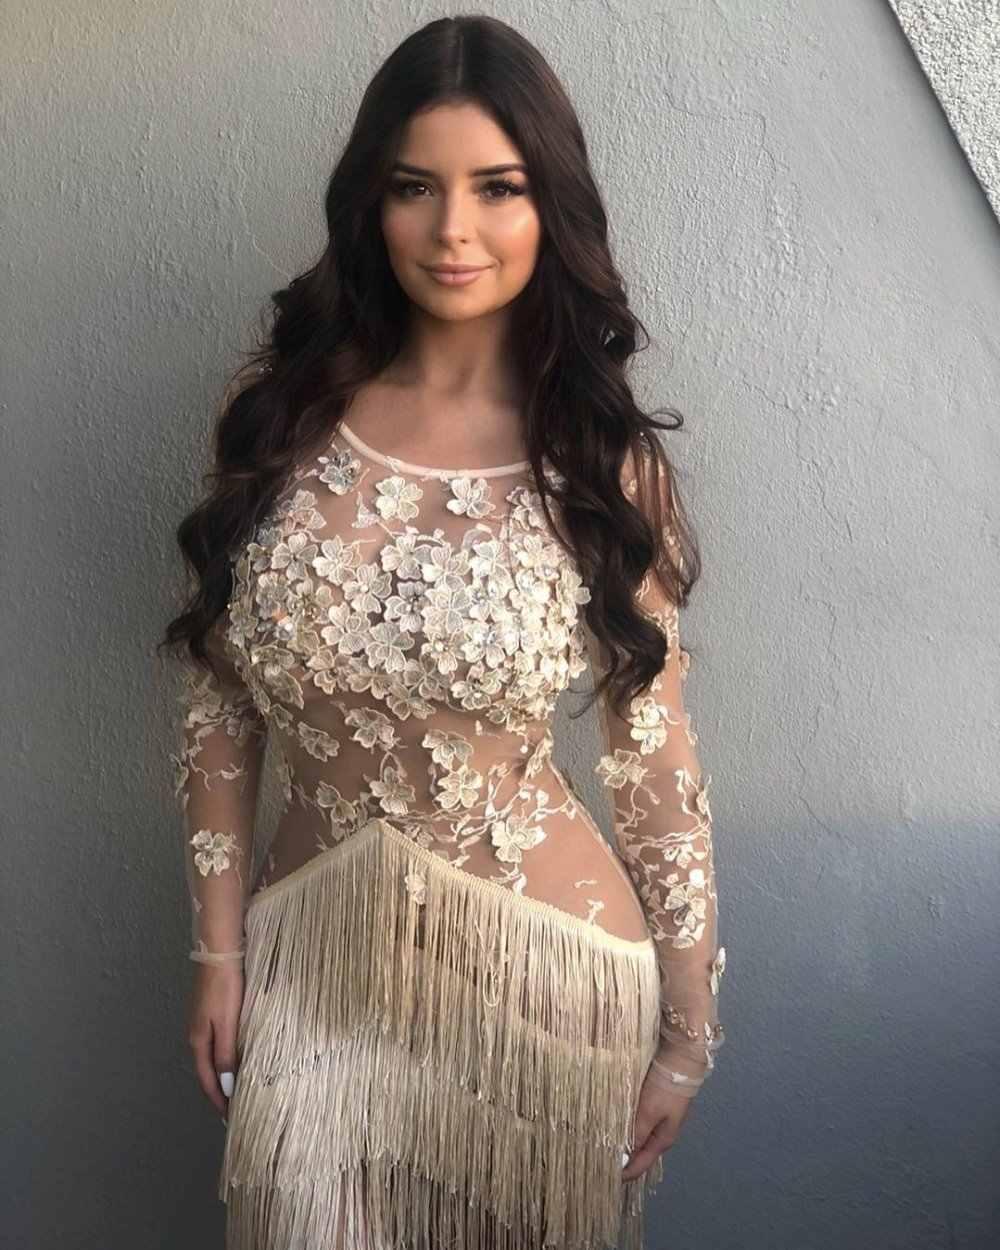 Фото Высококачественное сексуальное кружевное элегантное платье знаменитостей с